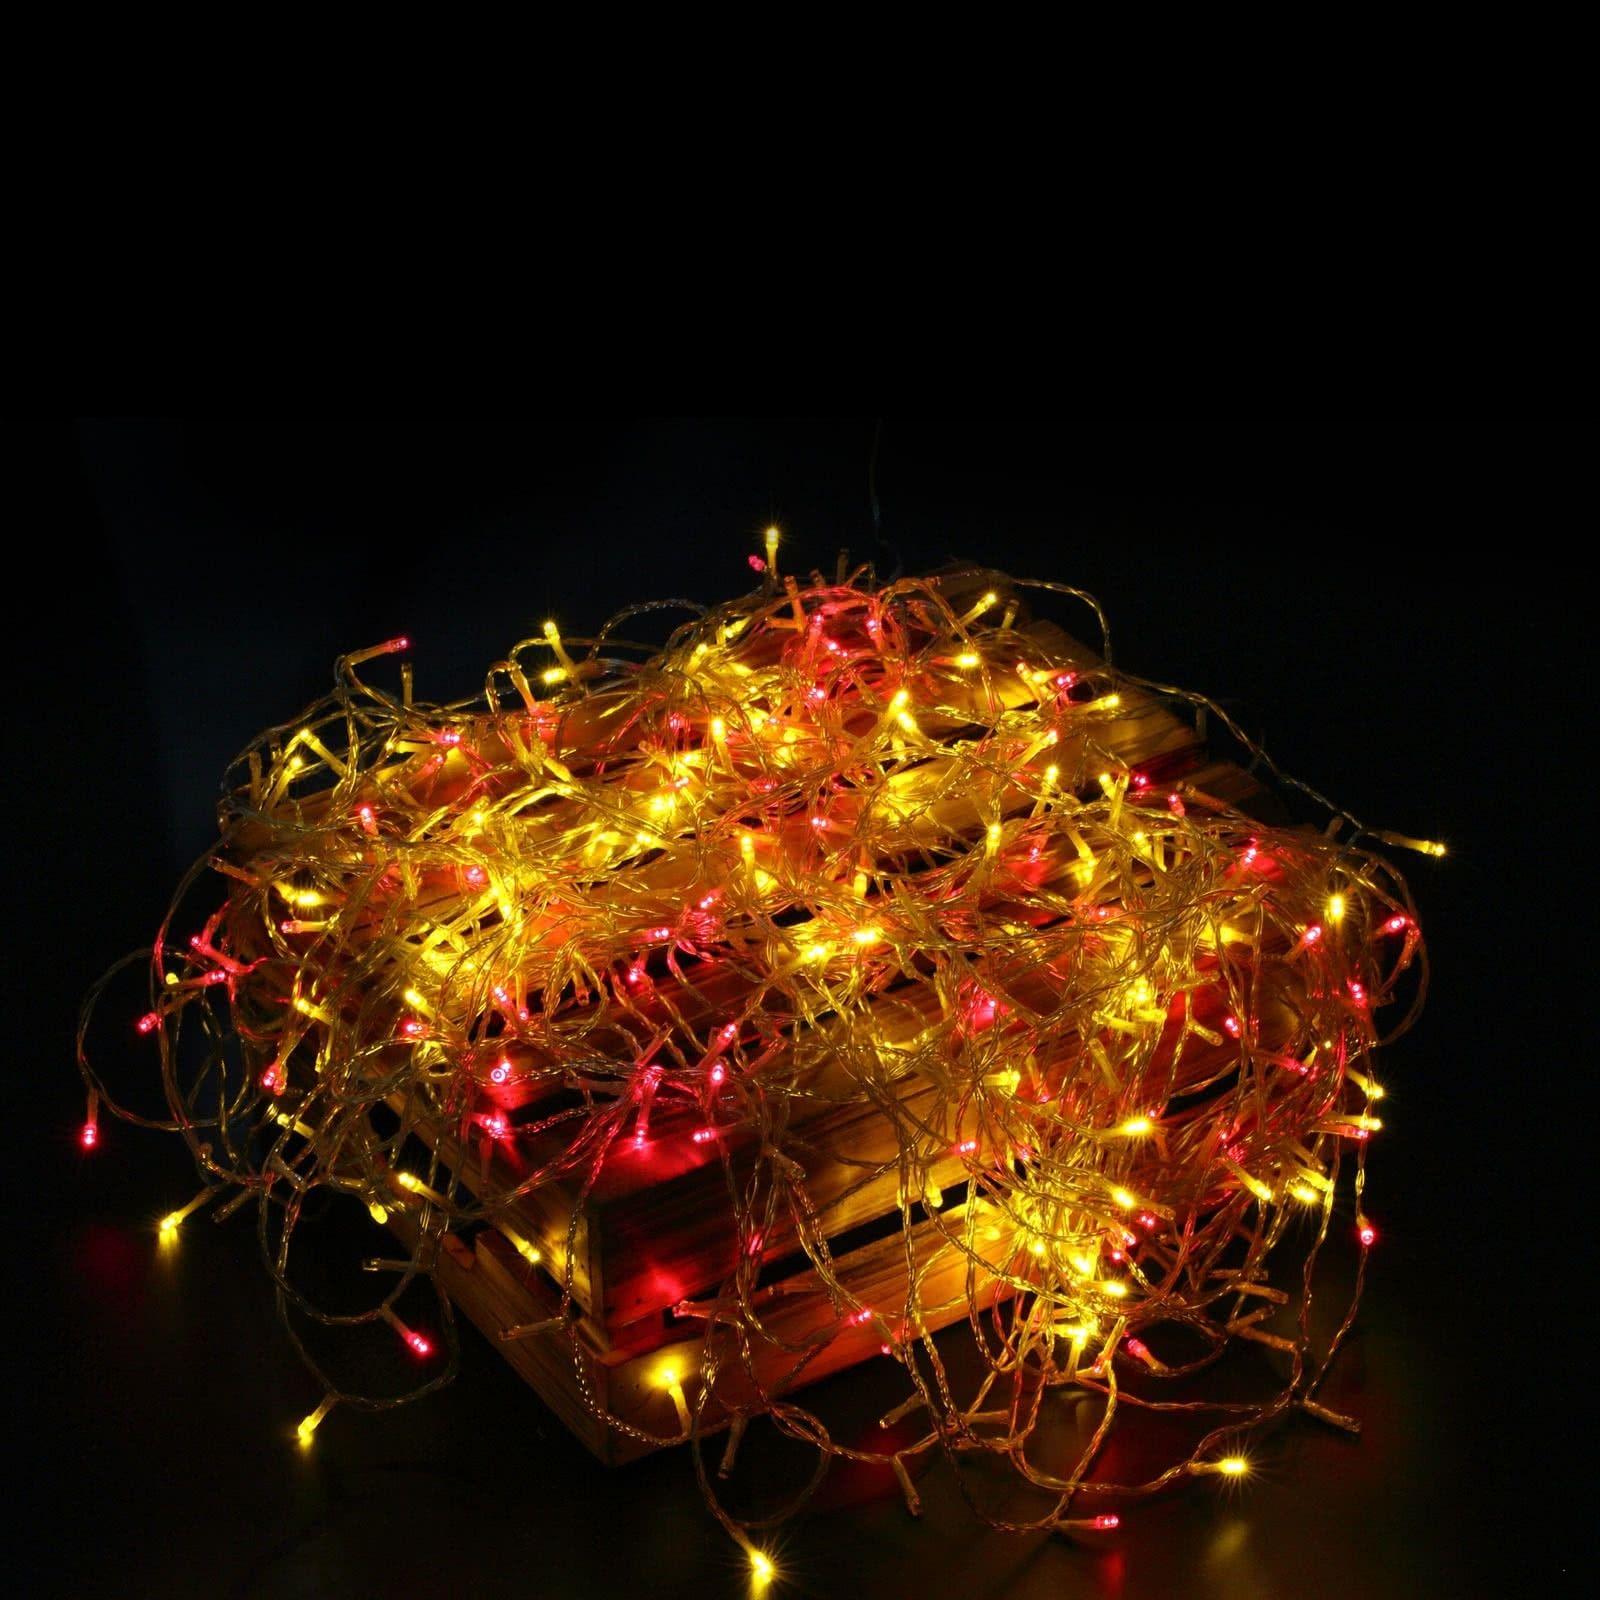 Weihnachtsbeleuchtung Bunt.400er Led Lichterkette Bunt Deko Für Hochzeit Party Weihnachten